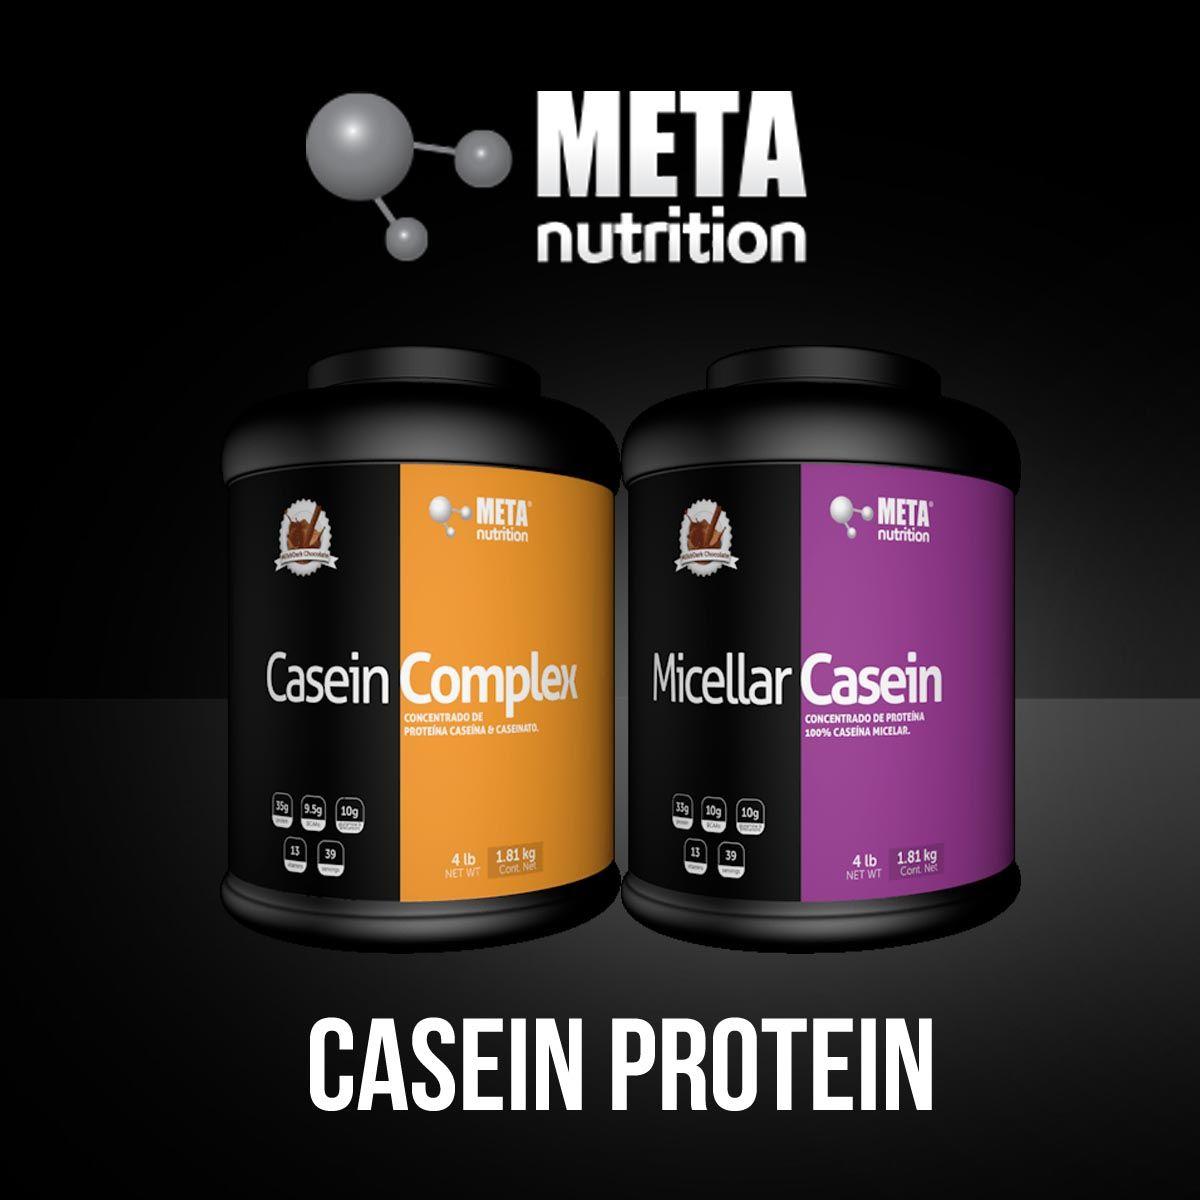 Micellas Casein Casein Complex Nuestras Proteinas A Base De